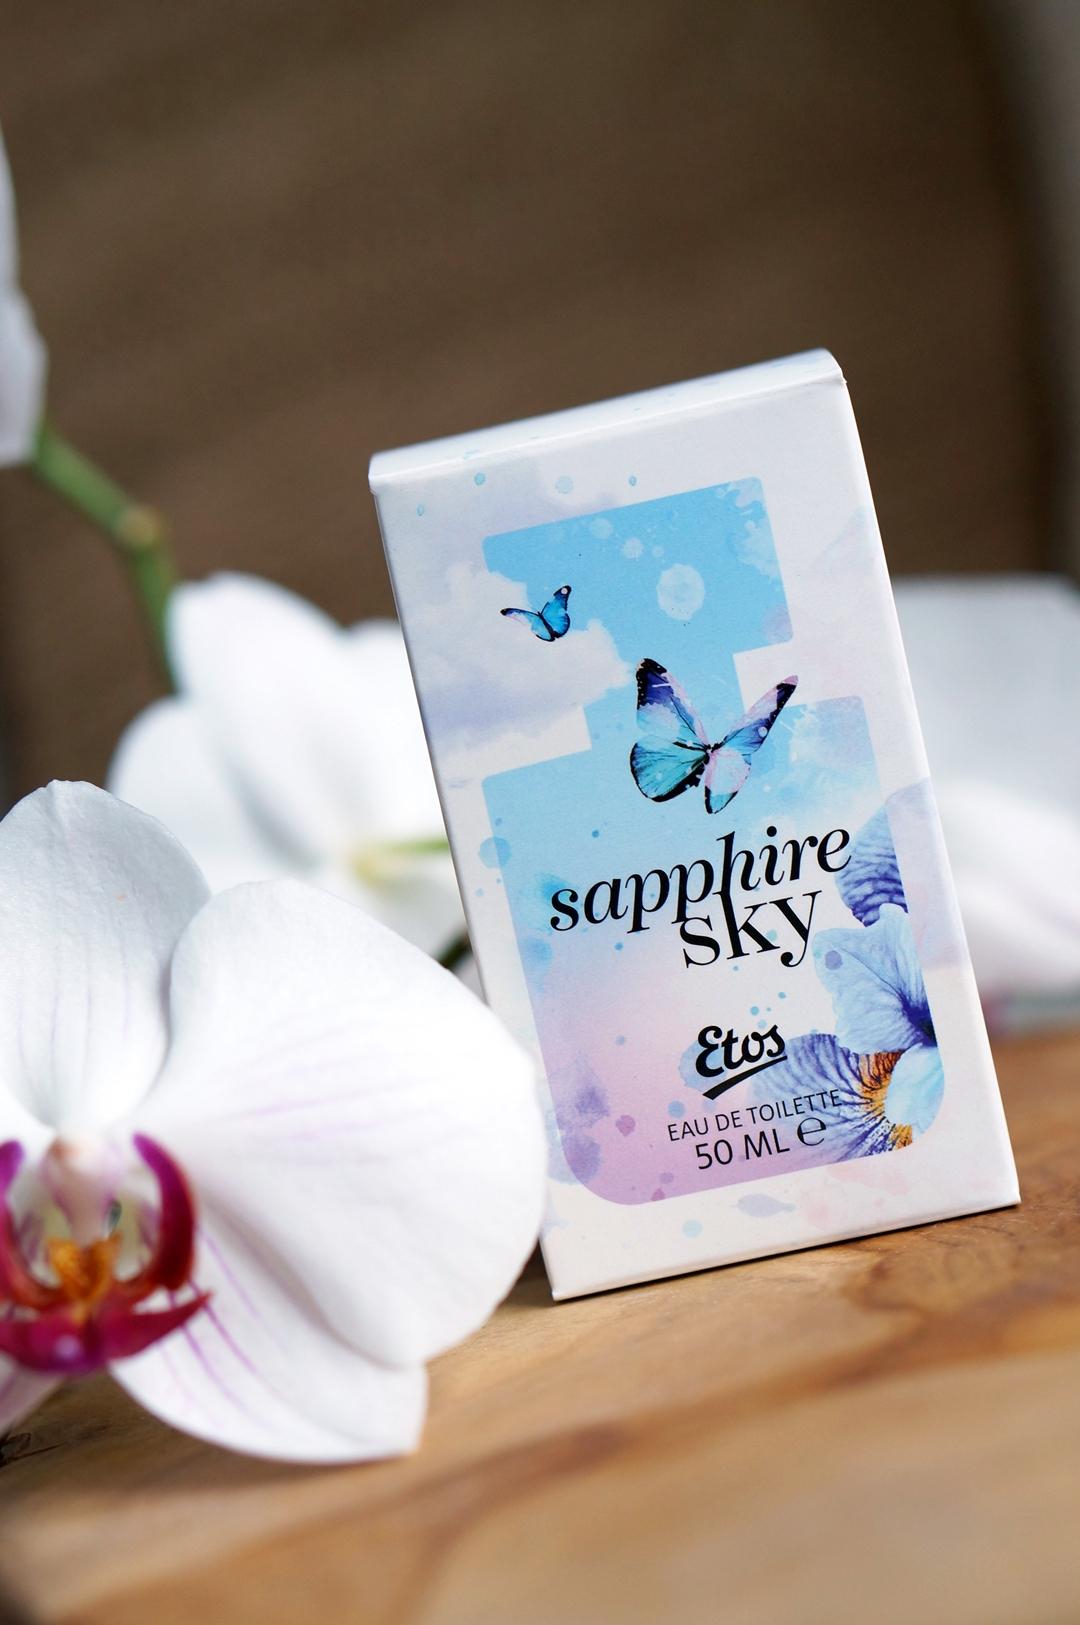 Etos Sapphire Sky eau de toilette